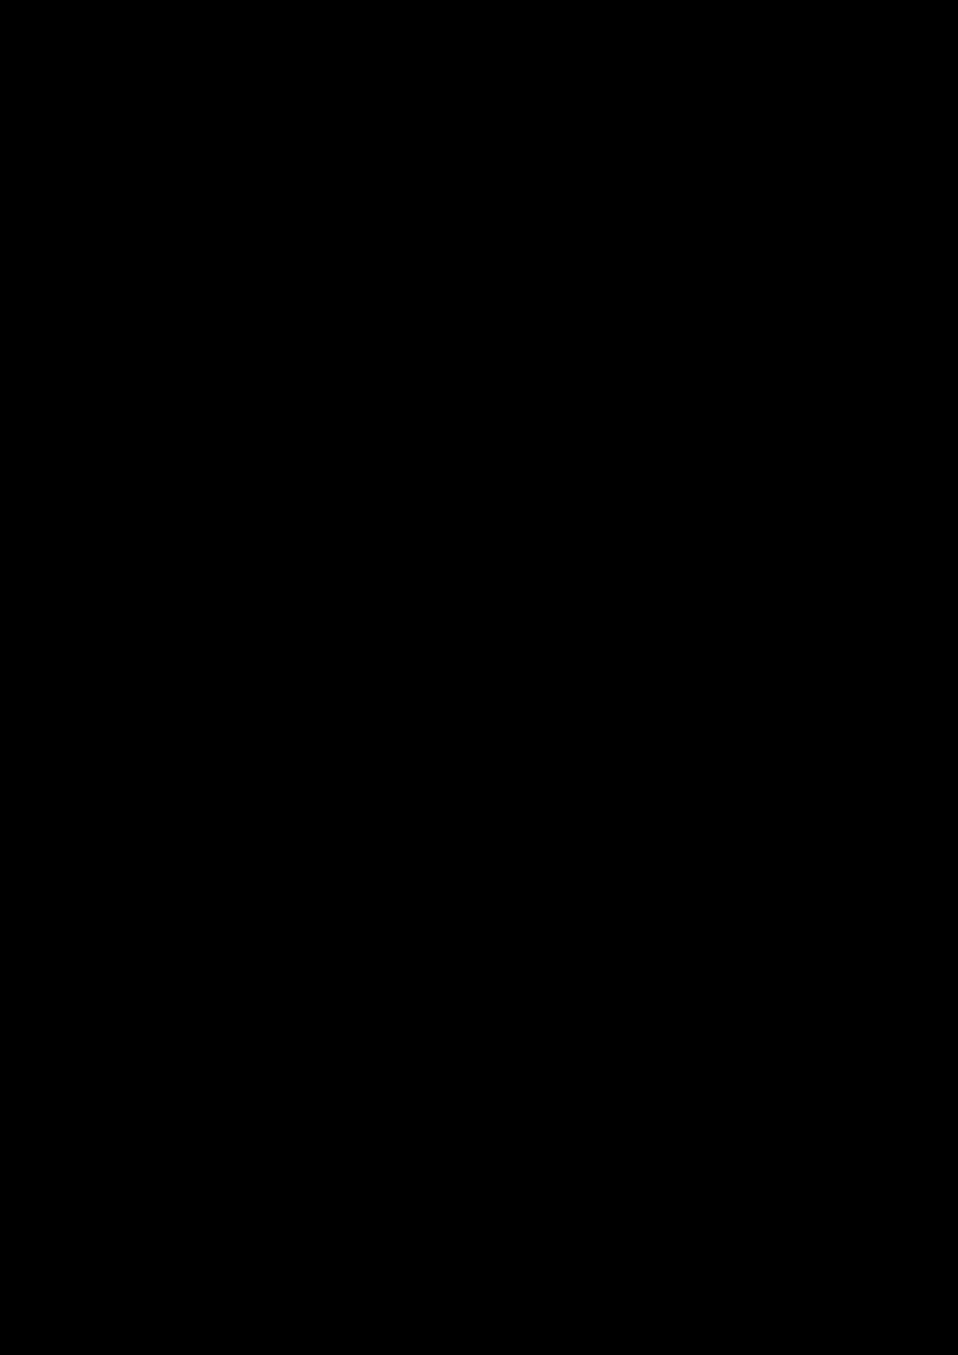 Ancient Mexico Motif (7)